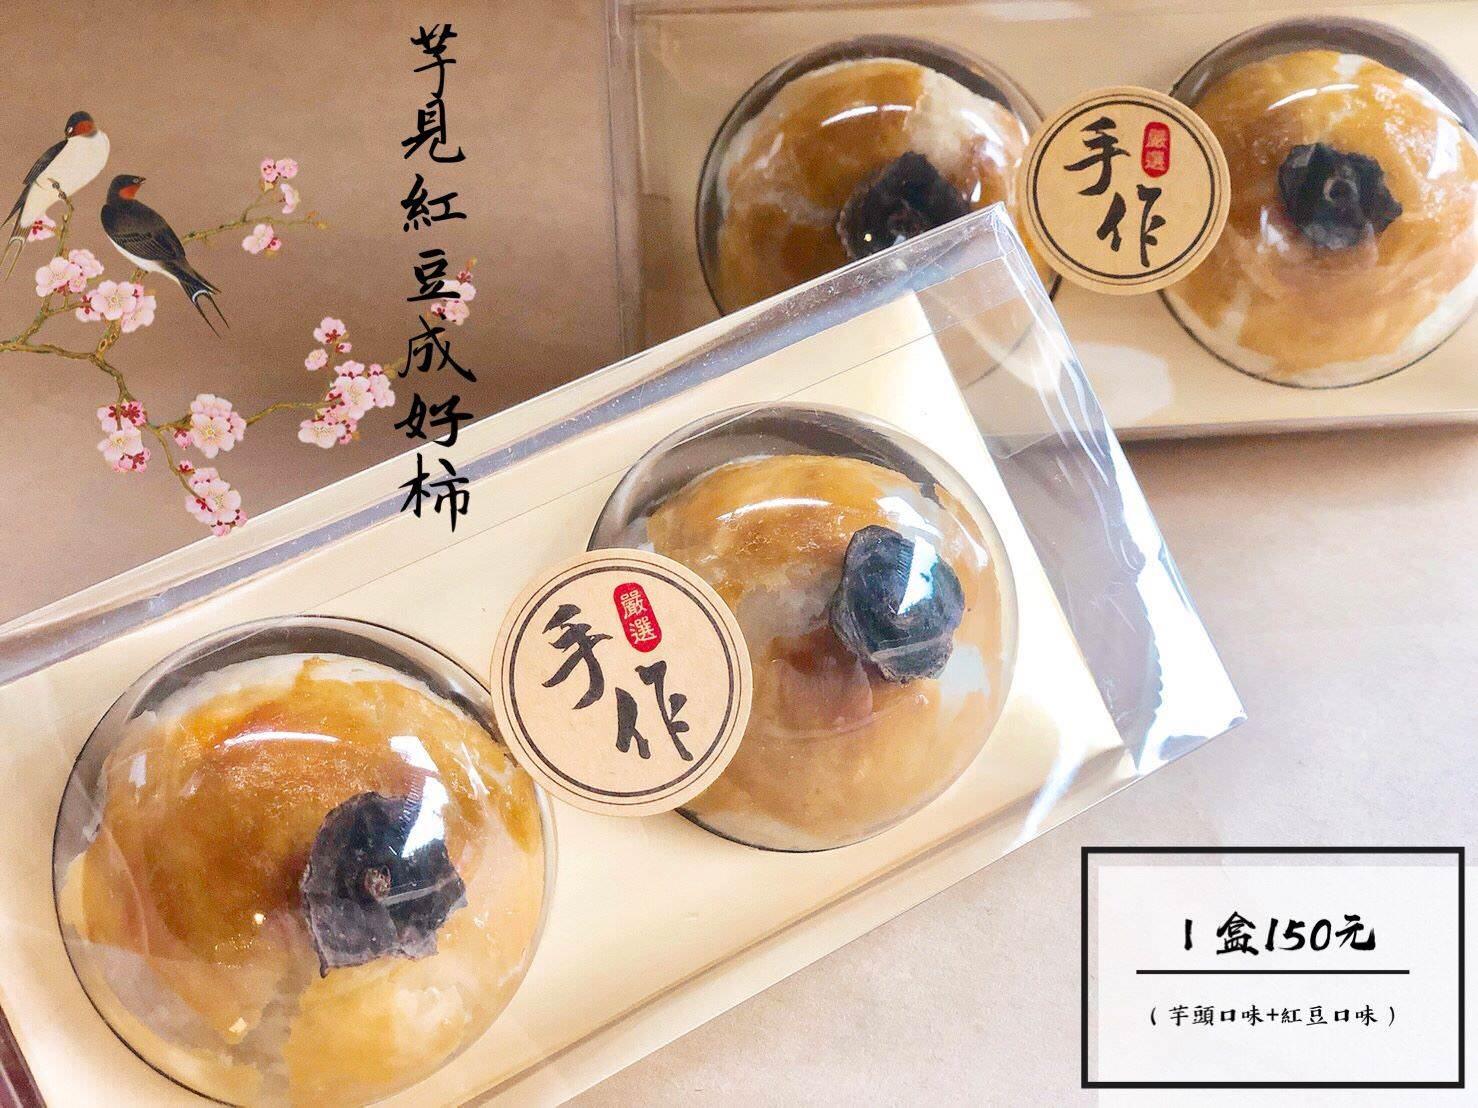 新竹旅遊景點|柿餅的季節,一起來玩柿染!新埔味衛佳柿餅觀光農場